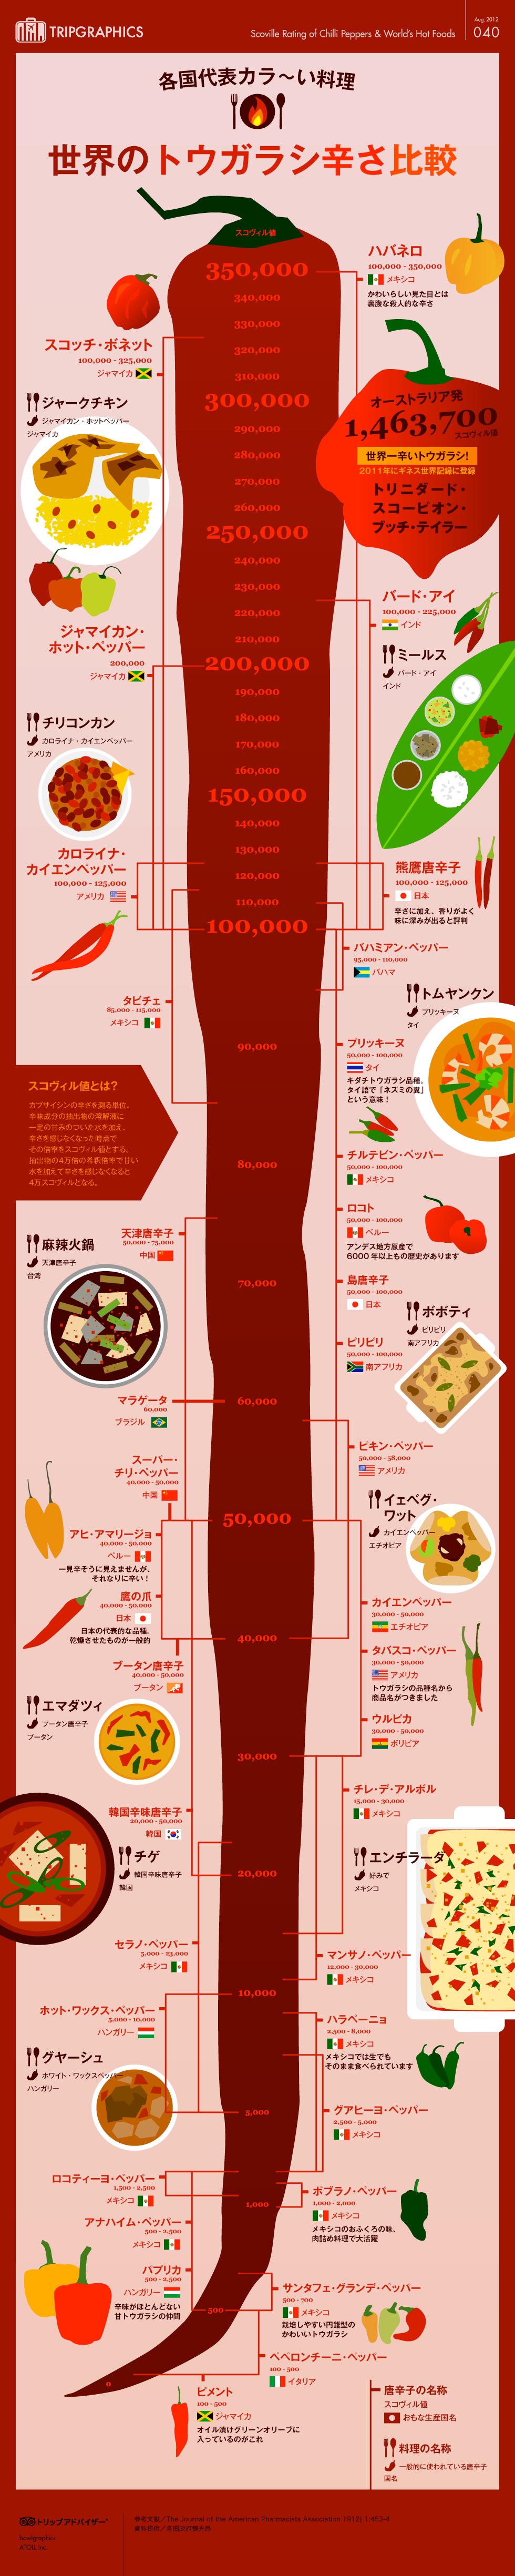 インフォグラフィック:世界の唐辛子は超危険!素手なら火傷、食べたら死ぬ可能性も